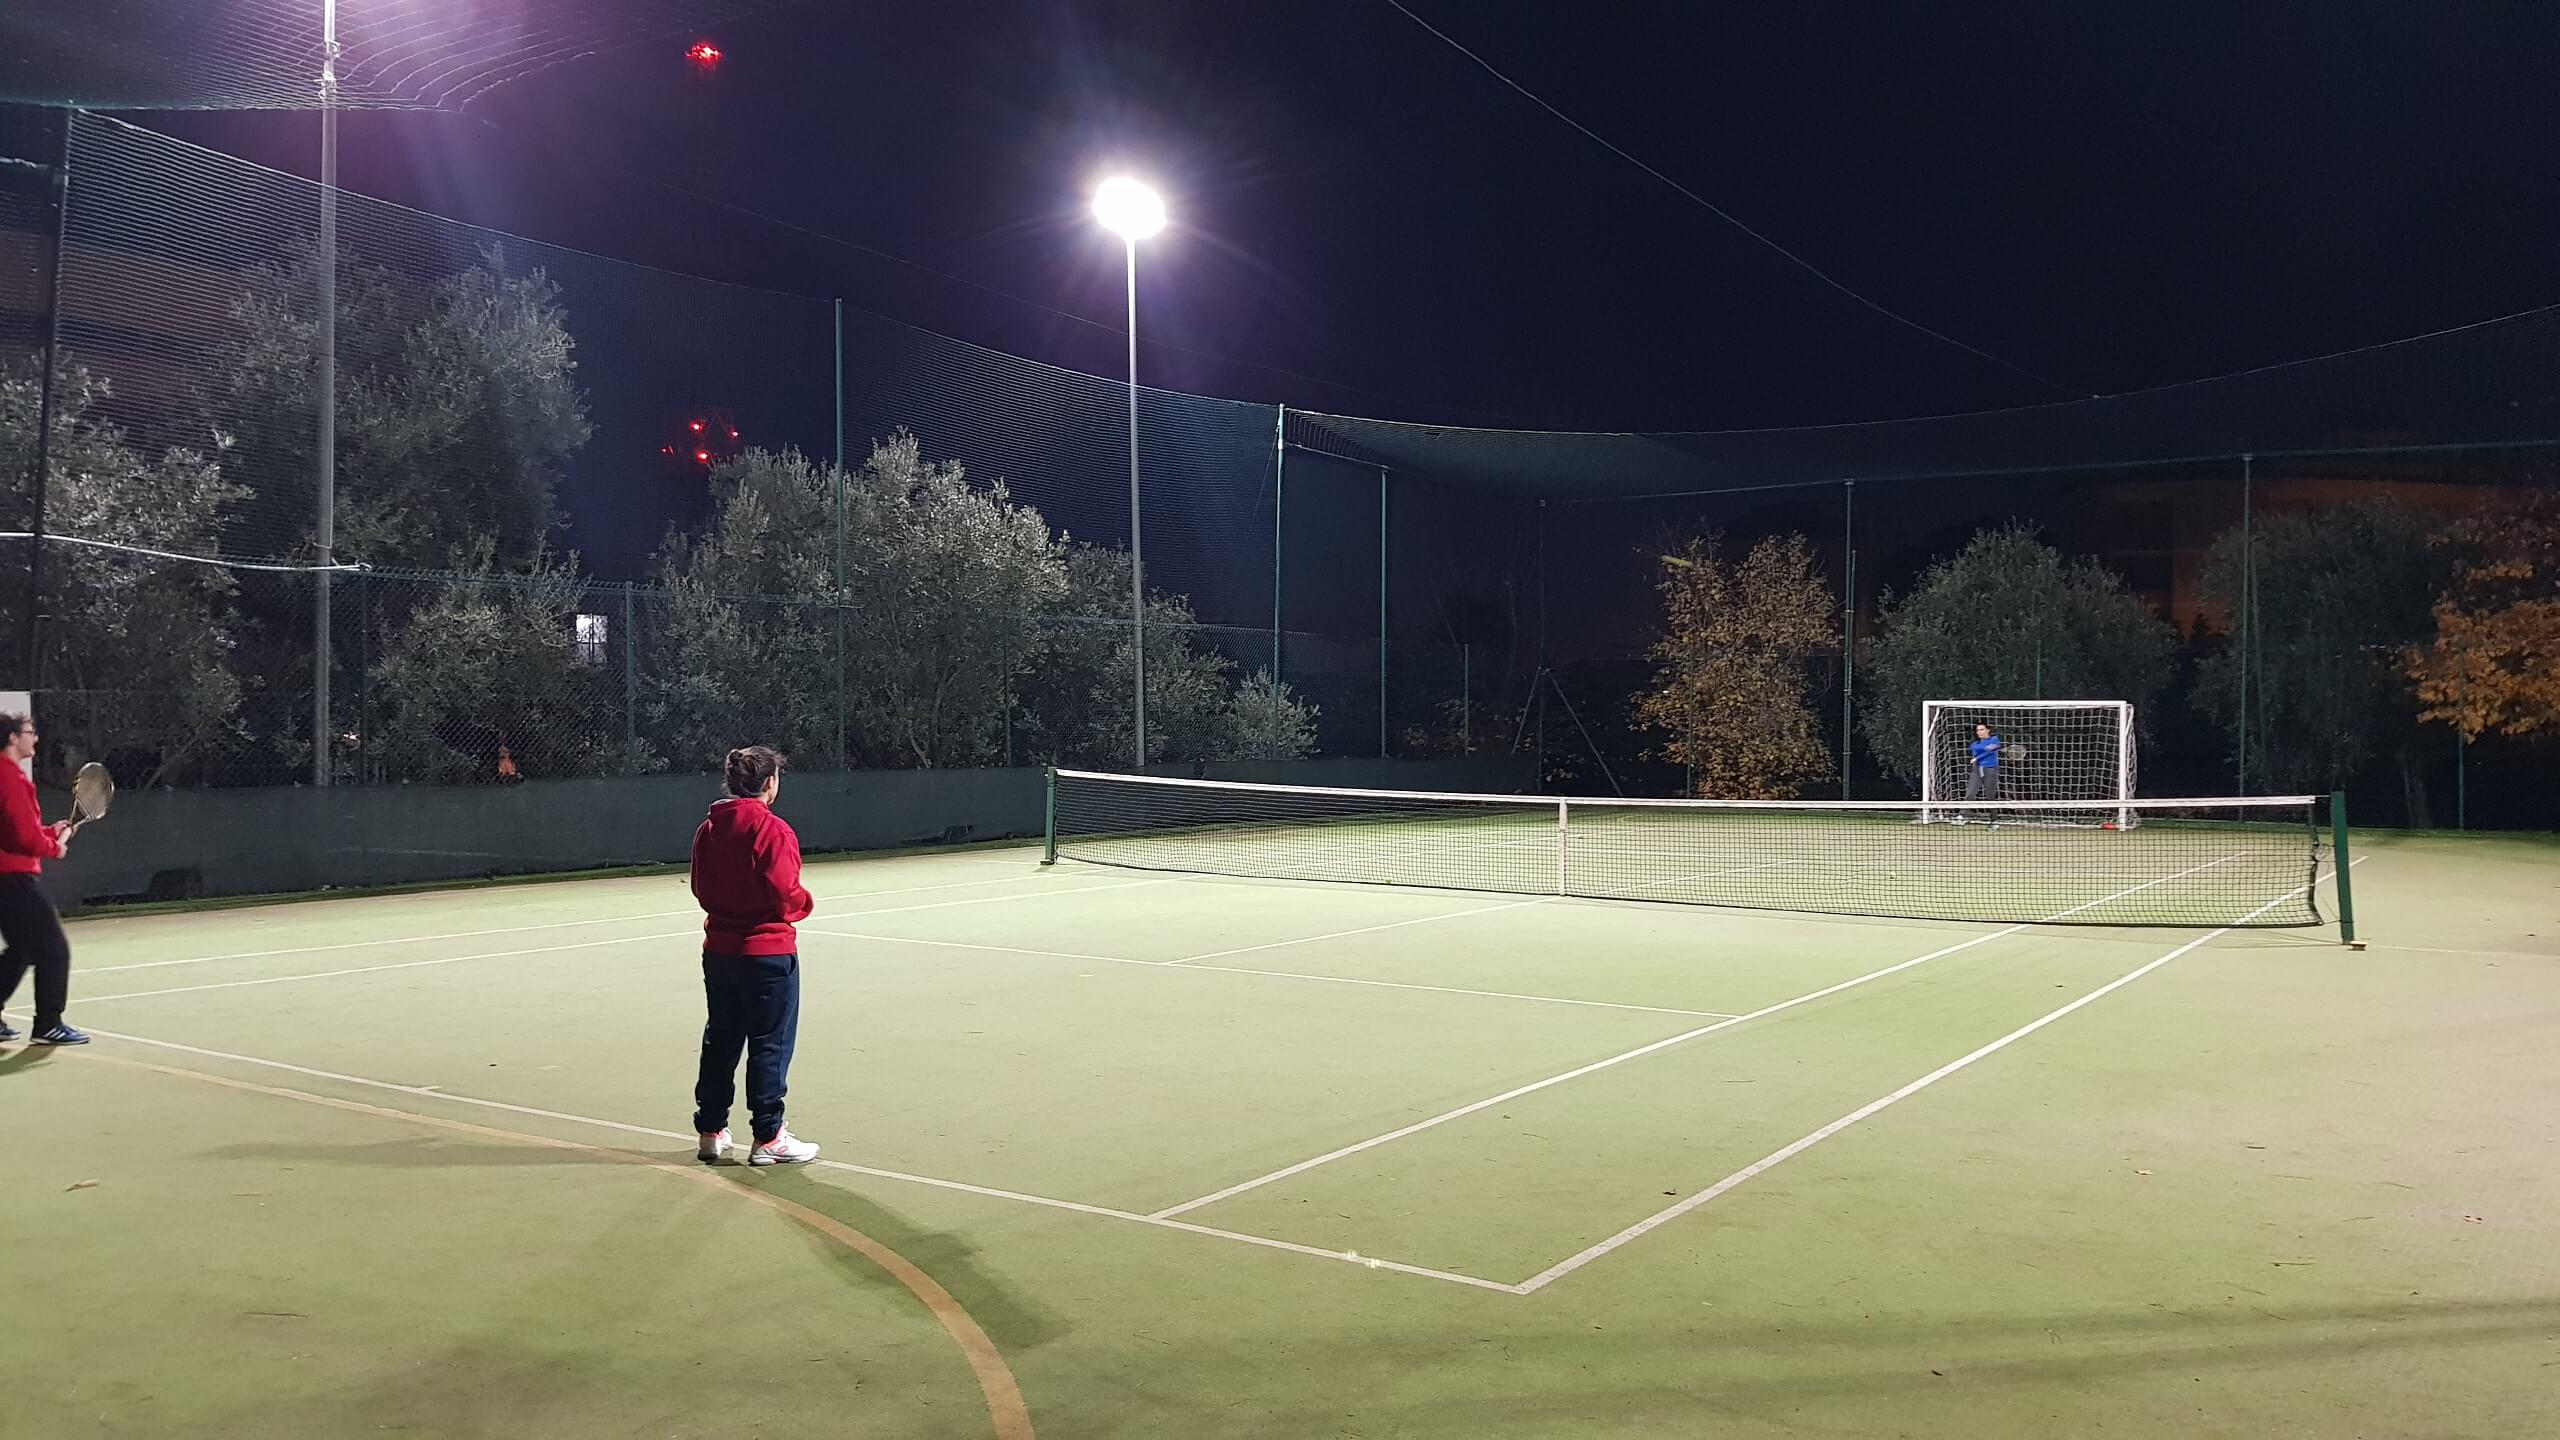 Centro-sportivo-di-g-migliaccio-genova-1